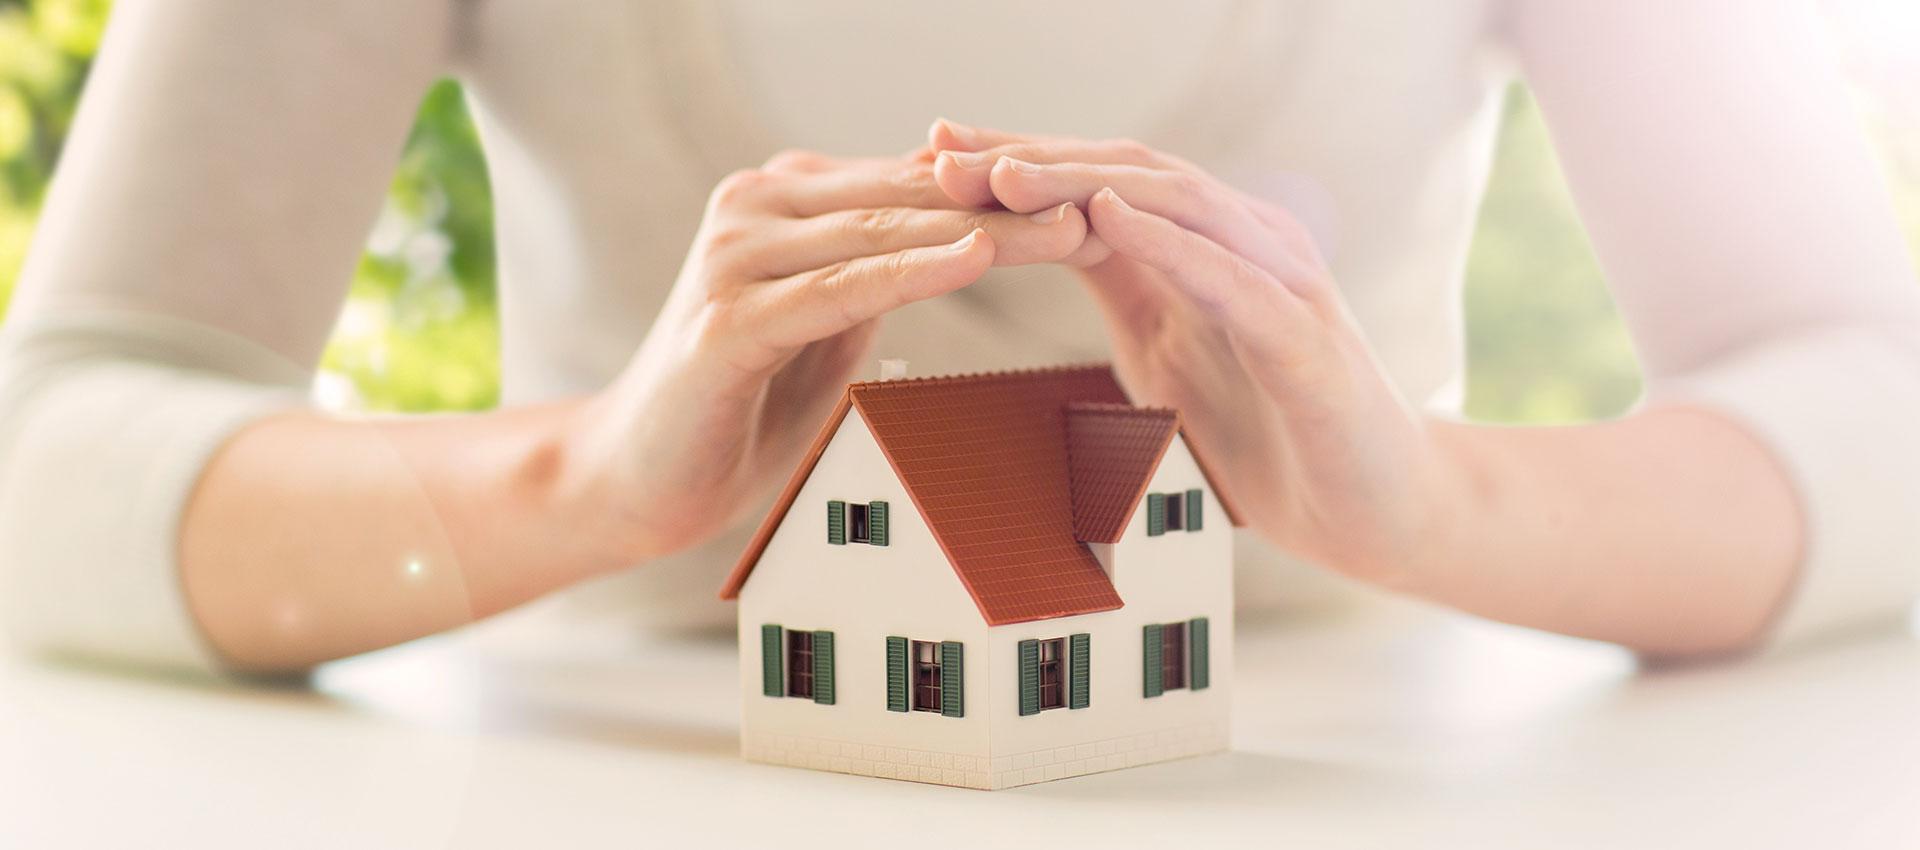 Abbildung Haus geschützt von zwei Händen